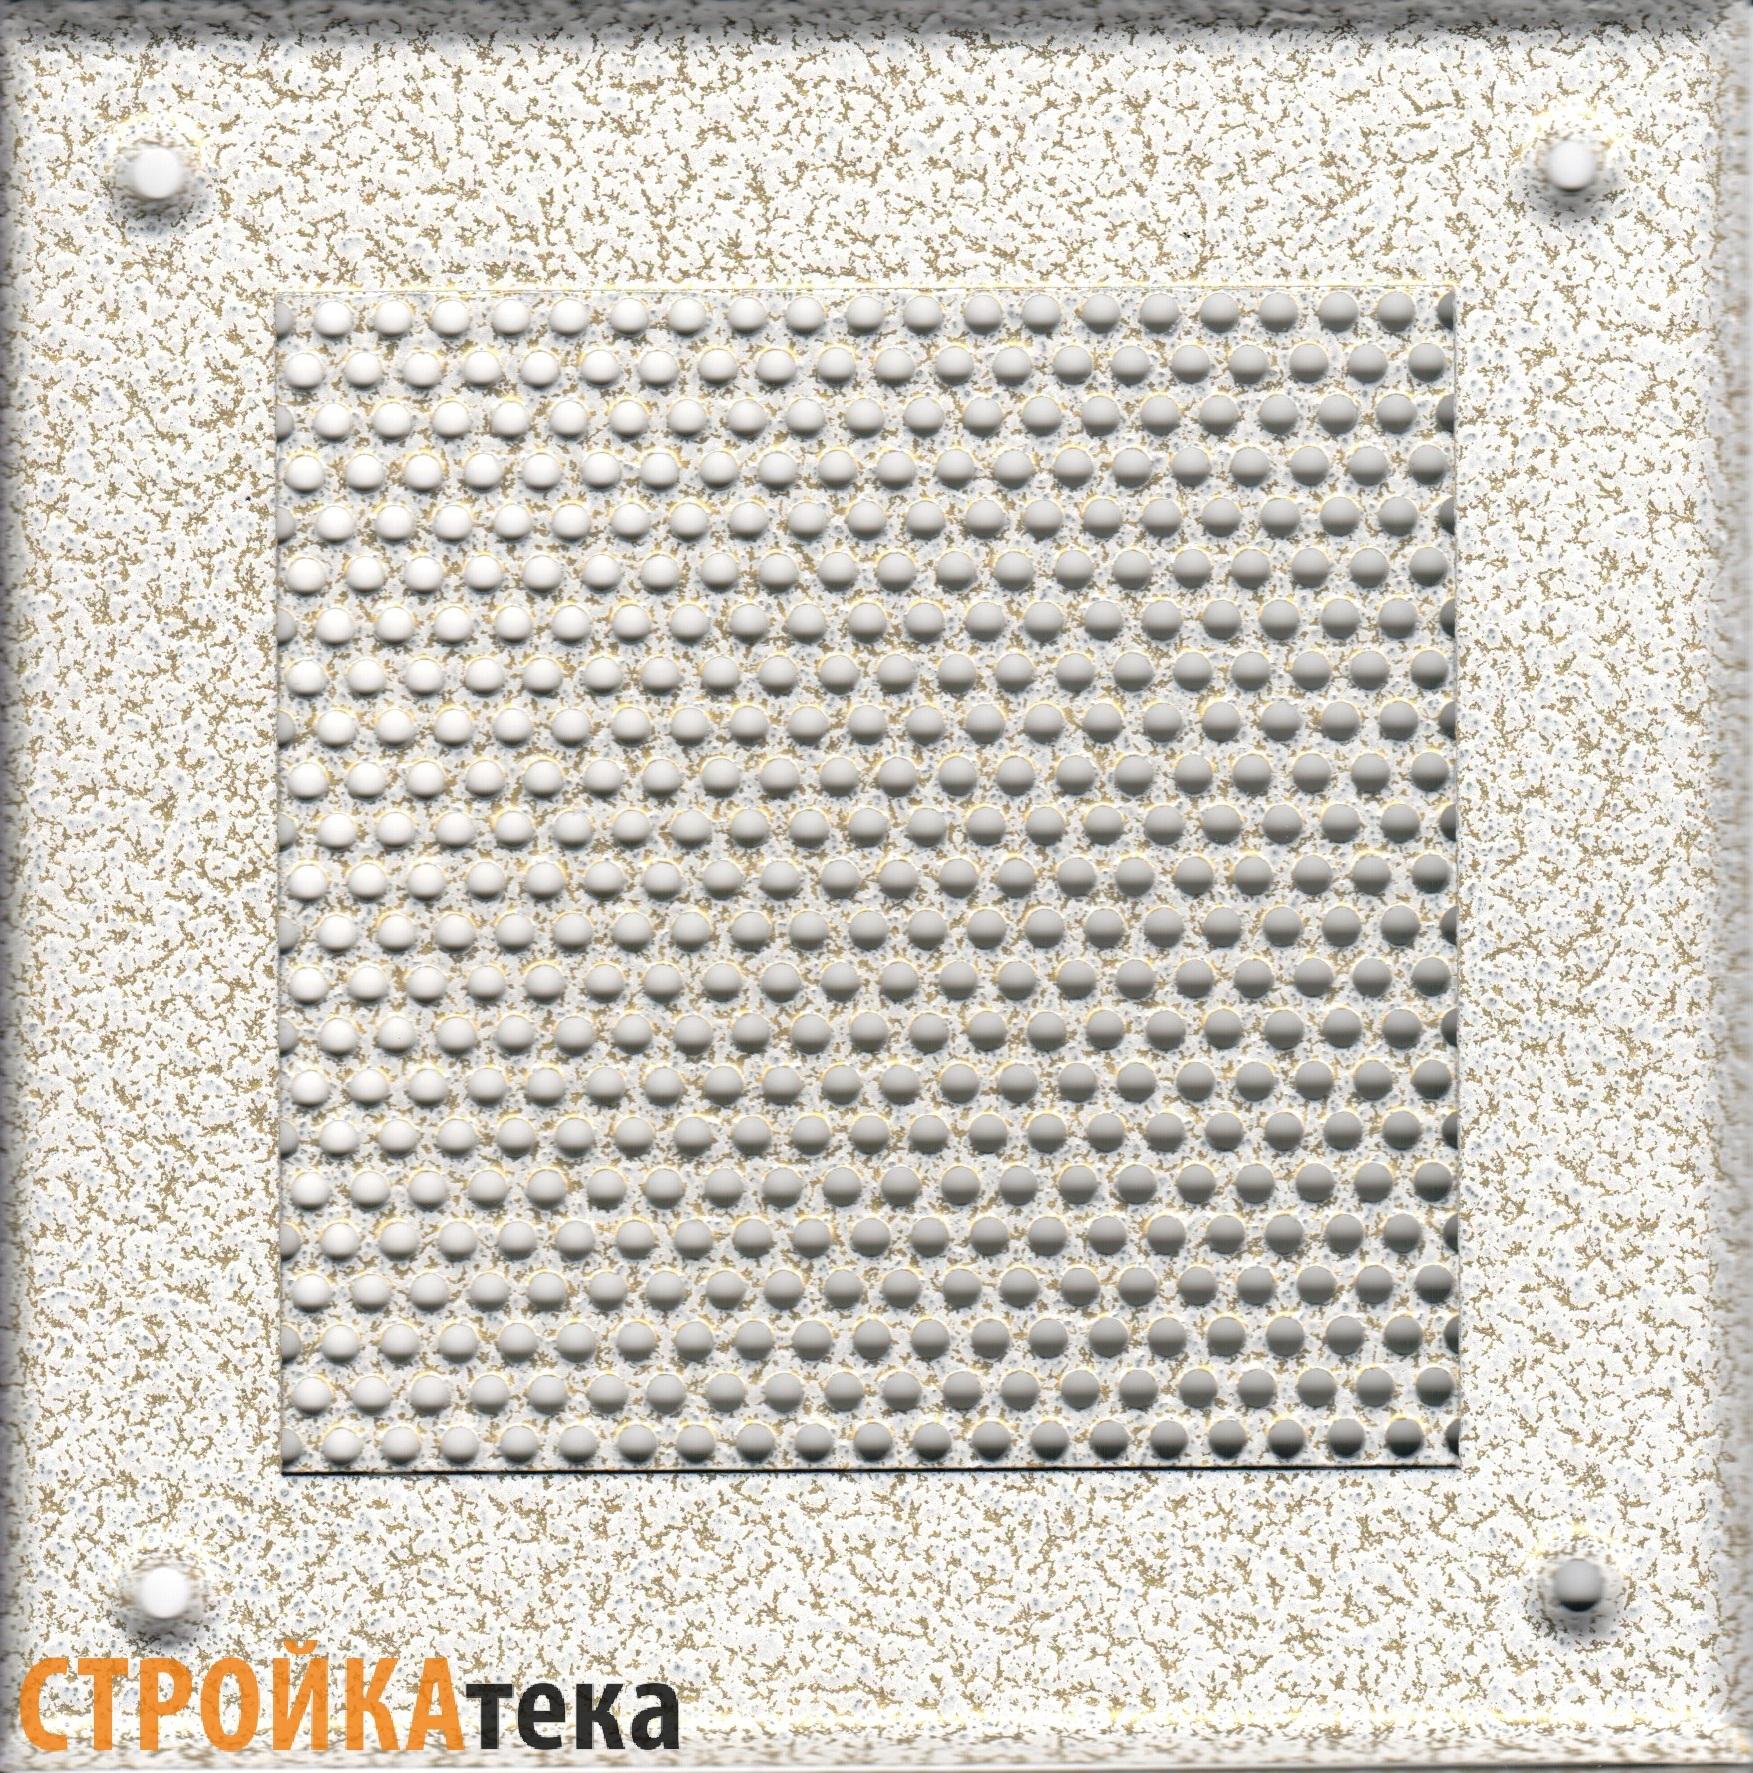 Металлические перфорированные решетки Решетка 150*150 белый антик, кружок eb652fbbdc7234a592b9286d39e9da34.jpg